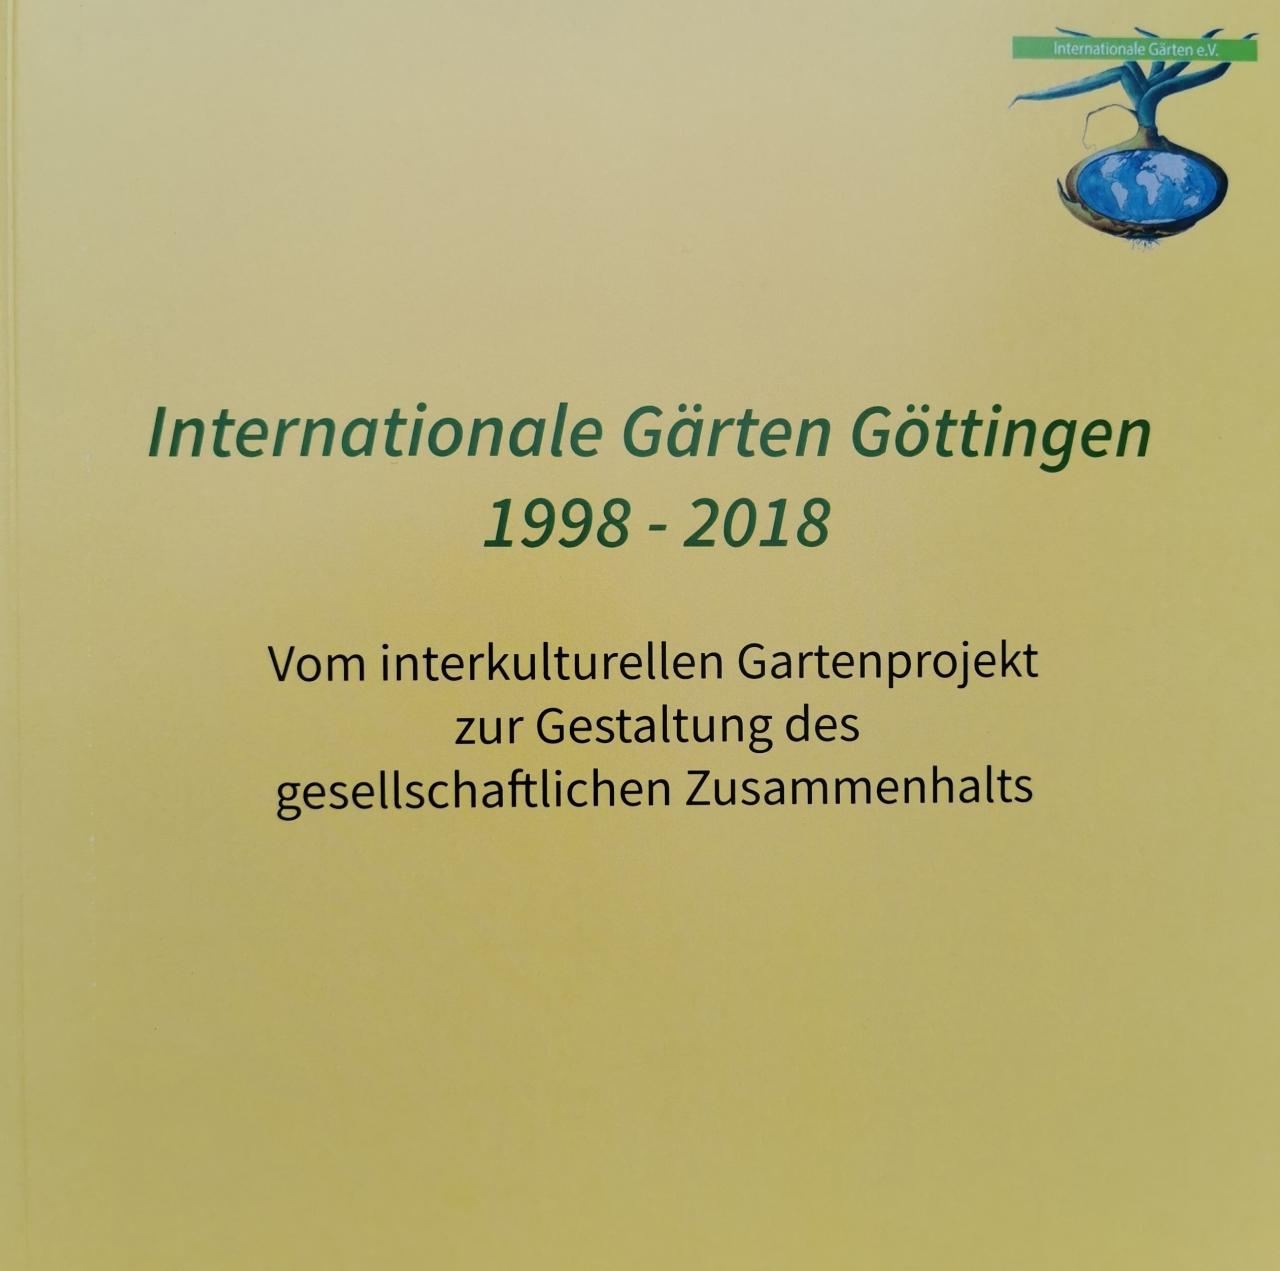 BroschureIGGO0110201